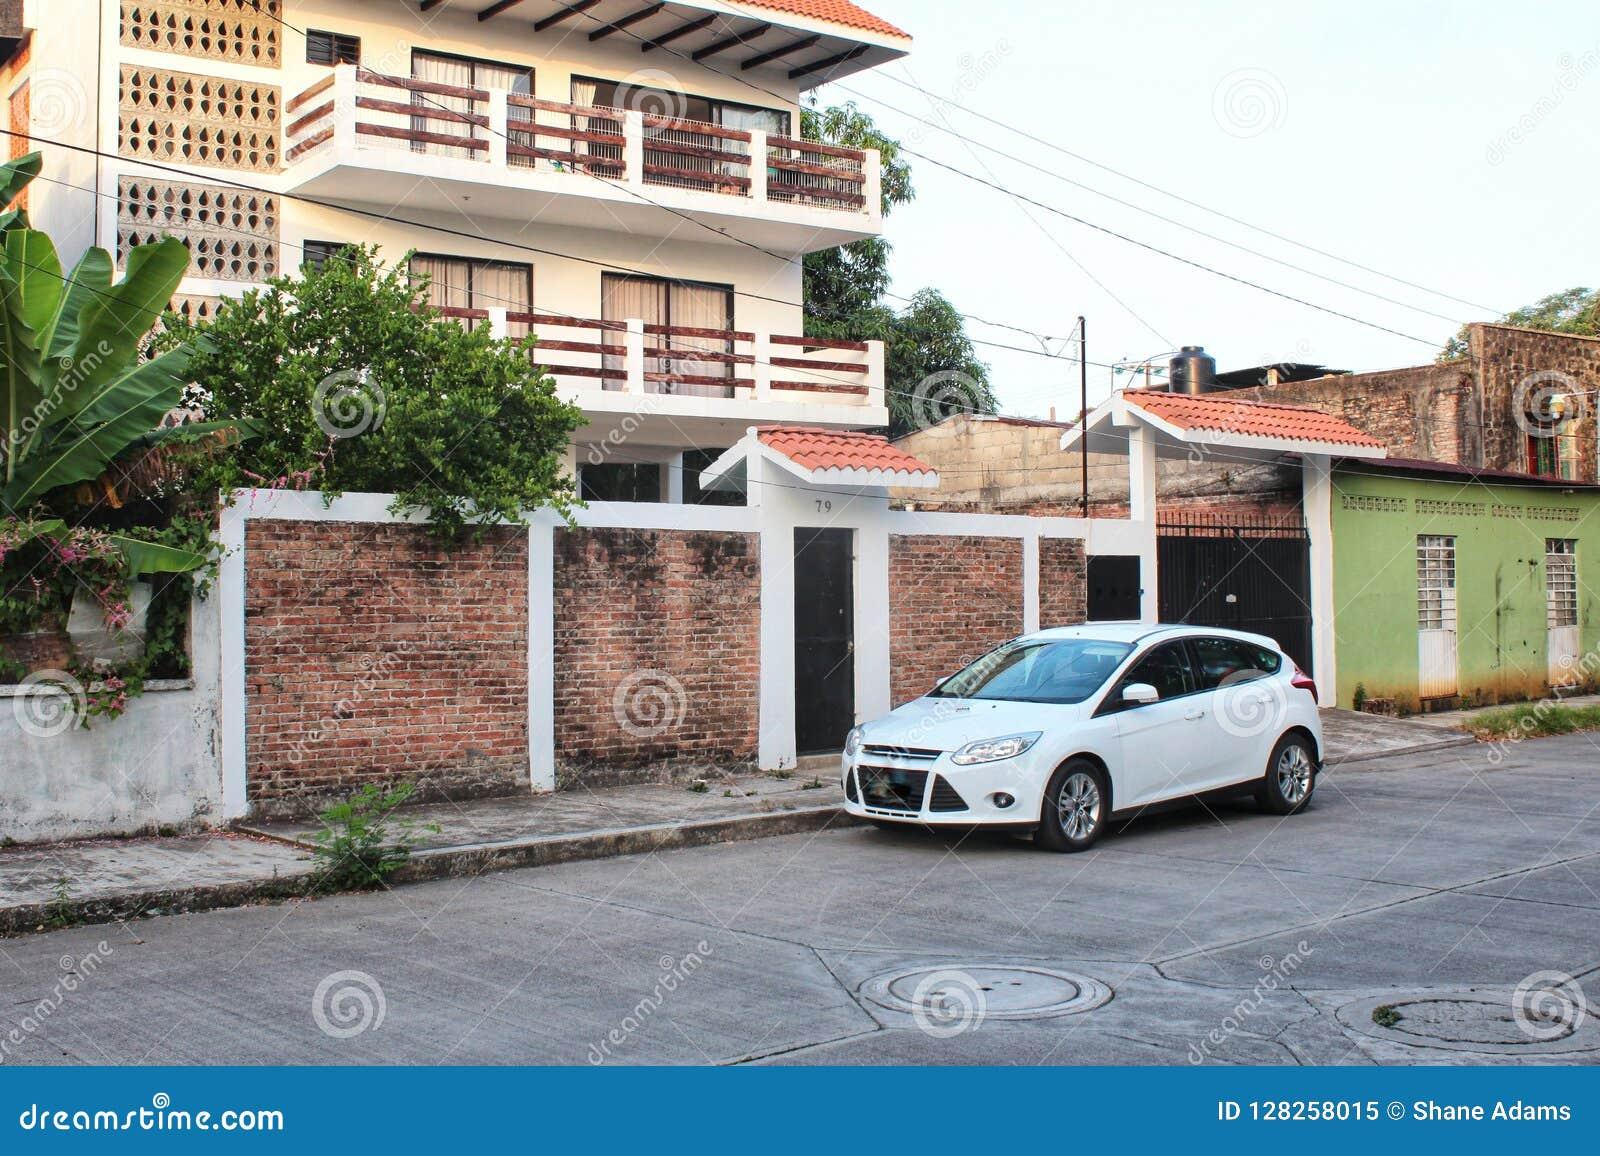 Mexikanische Straßen-Szene